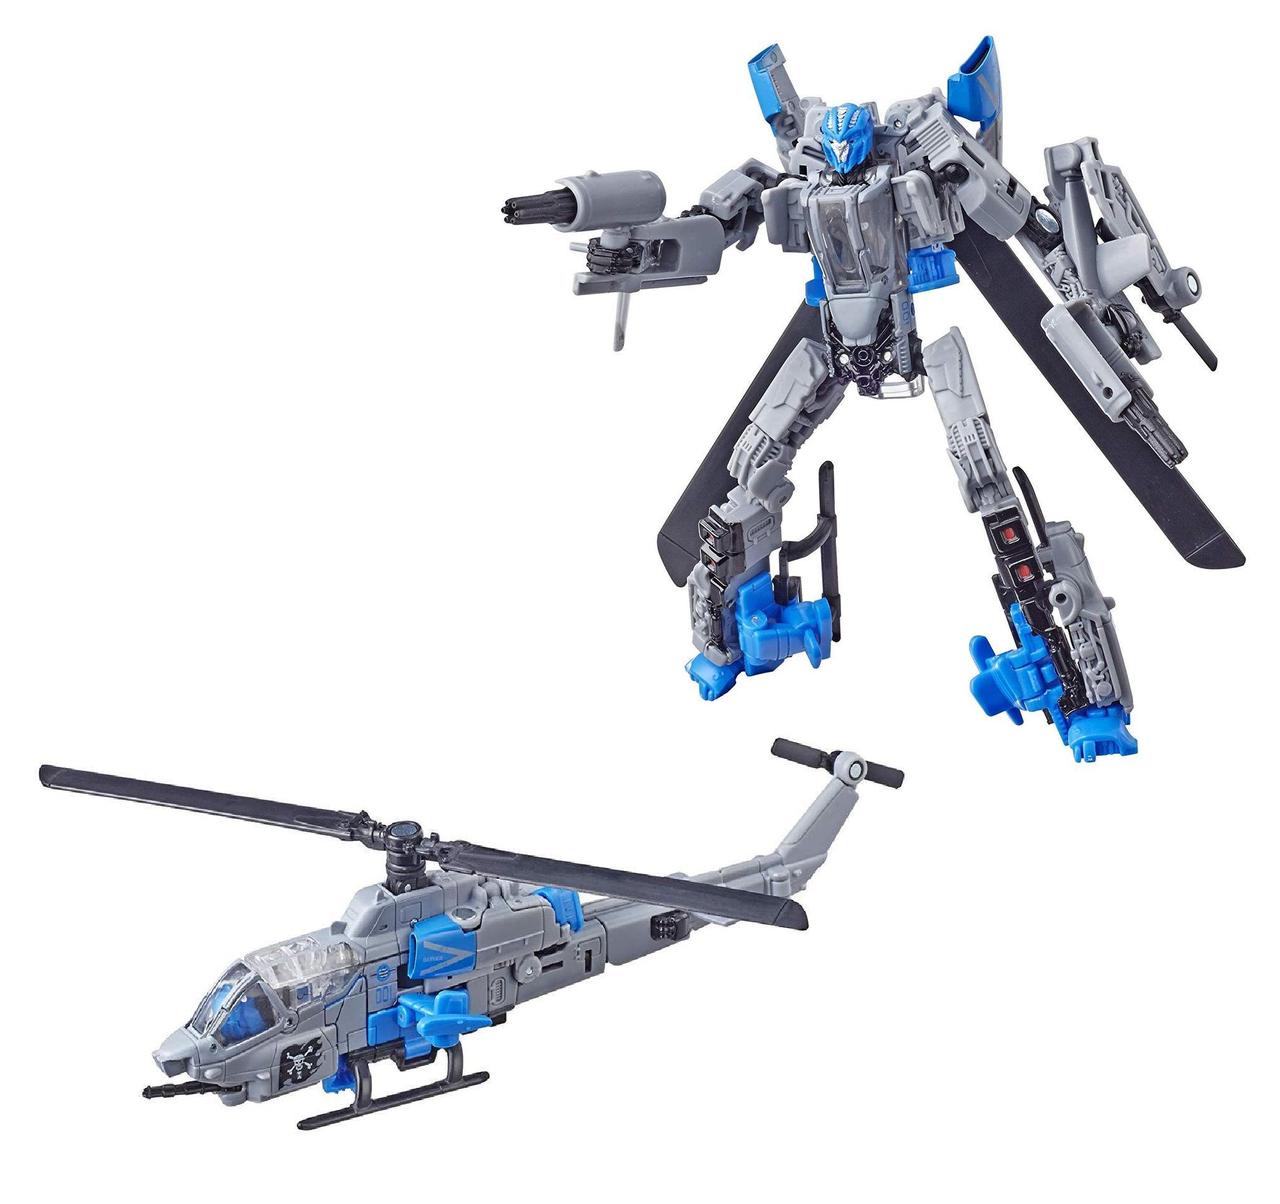 Робот-трансформер Hasbro Дропкик, Студийная серия - Dropkick, Studio Series, Deluxe Class